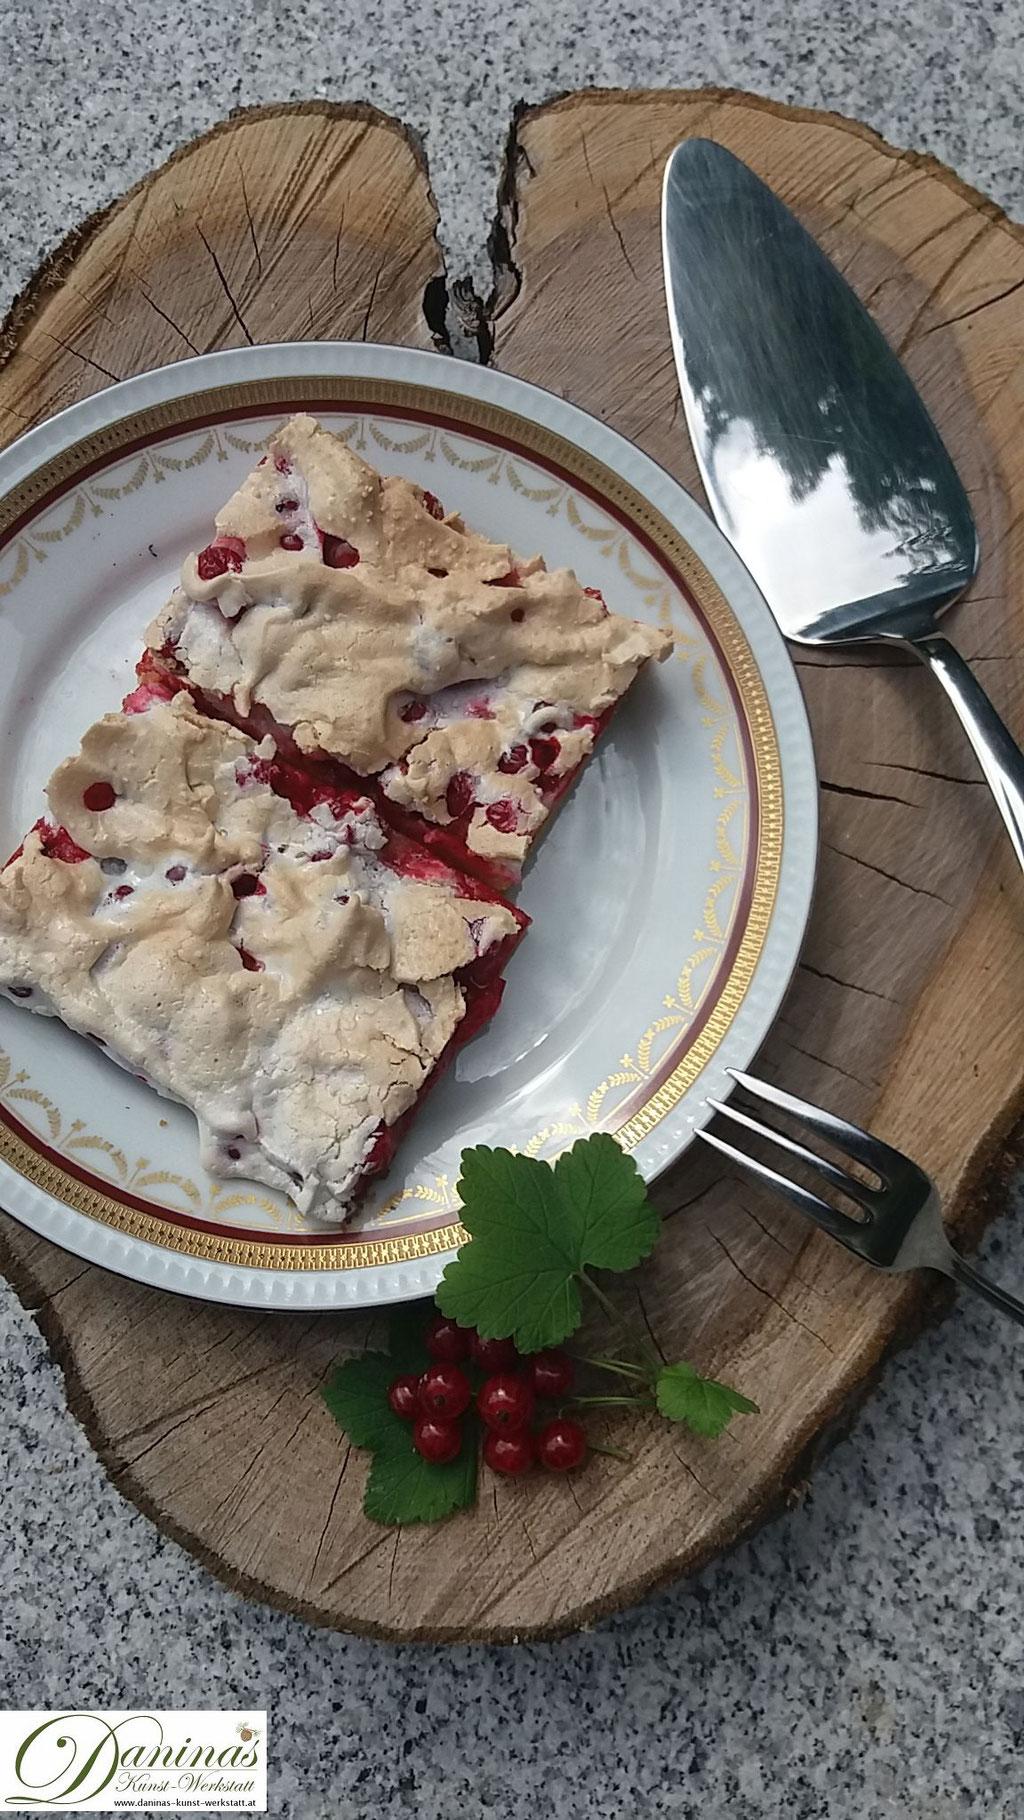 Ribiselkuchen mit Baiser. Rezept mit feinem Mürbeteig.